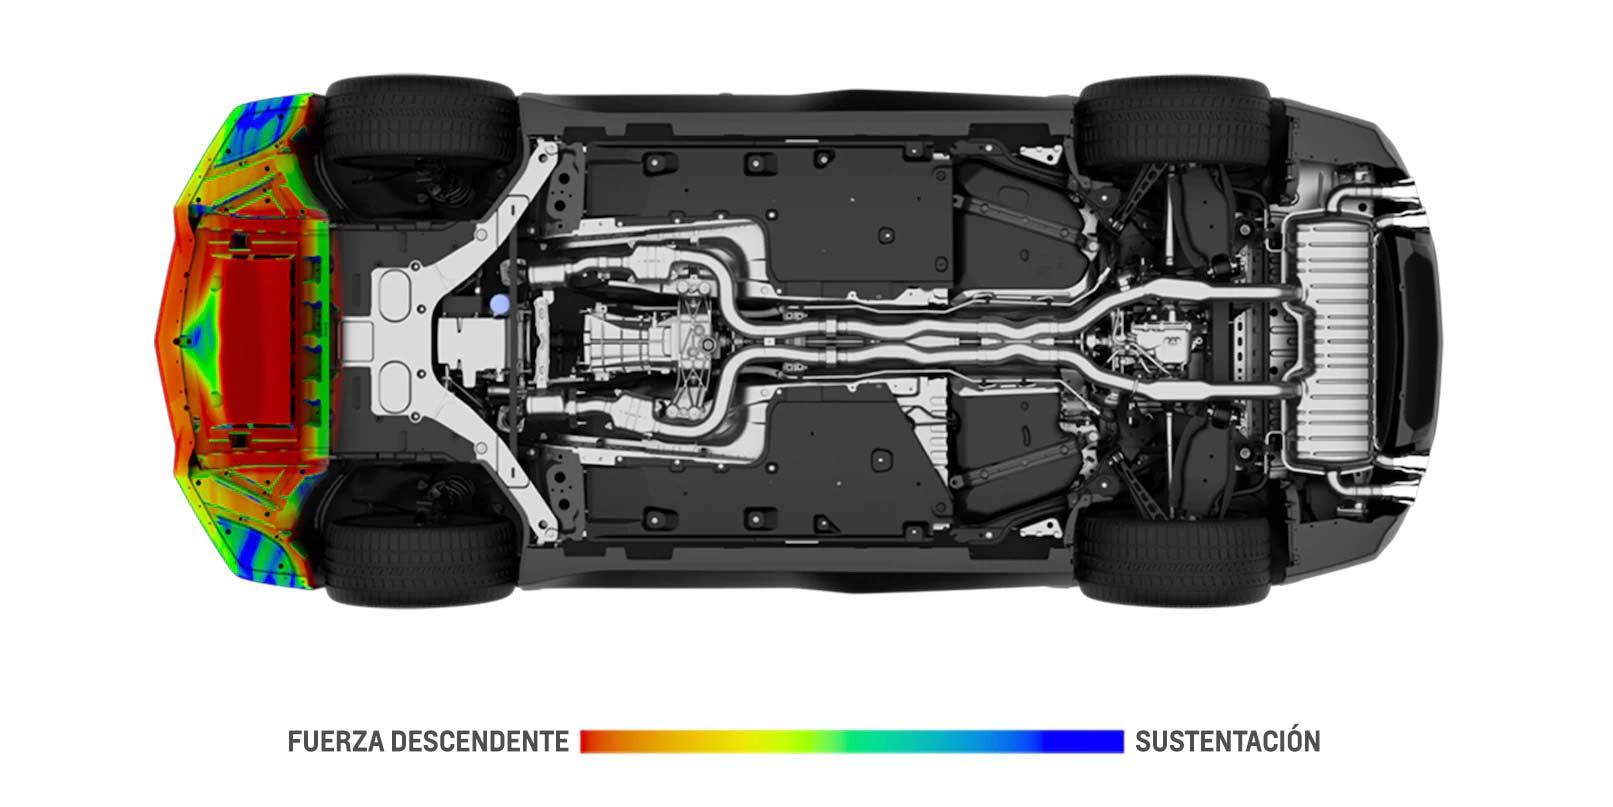 Desempeño del auto deportivo Camaro 2018: modelo aerodinámico - faldón delantero